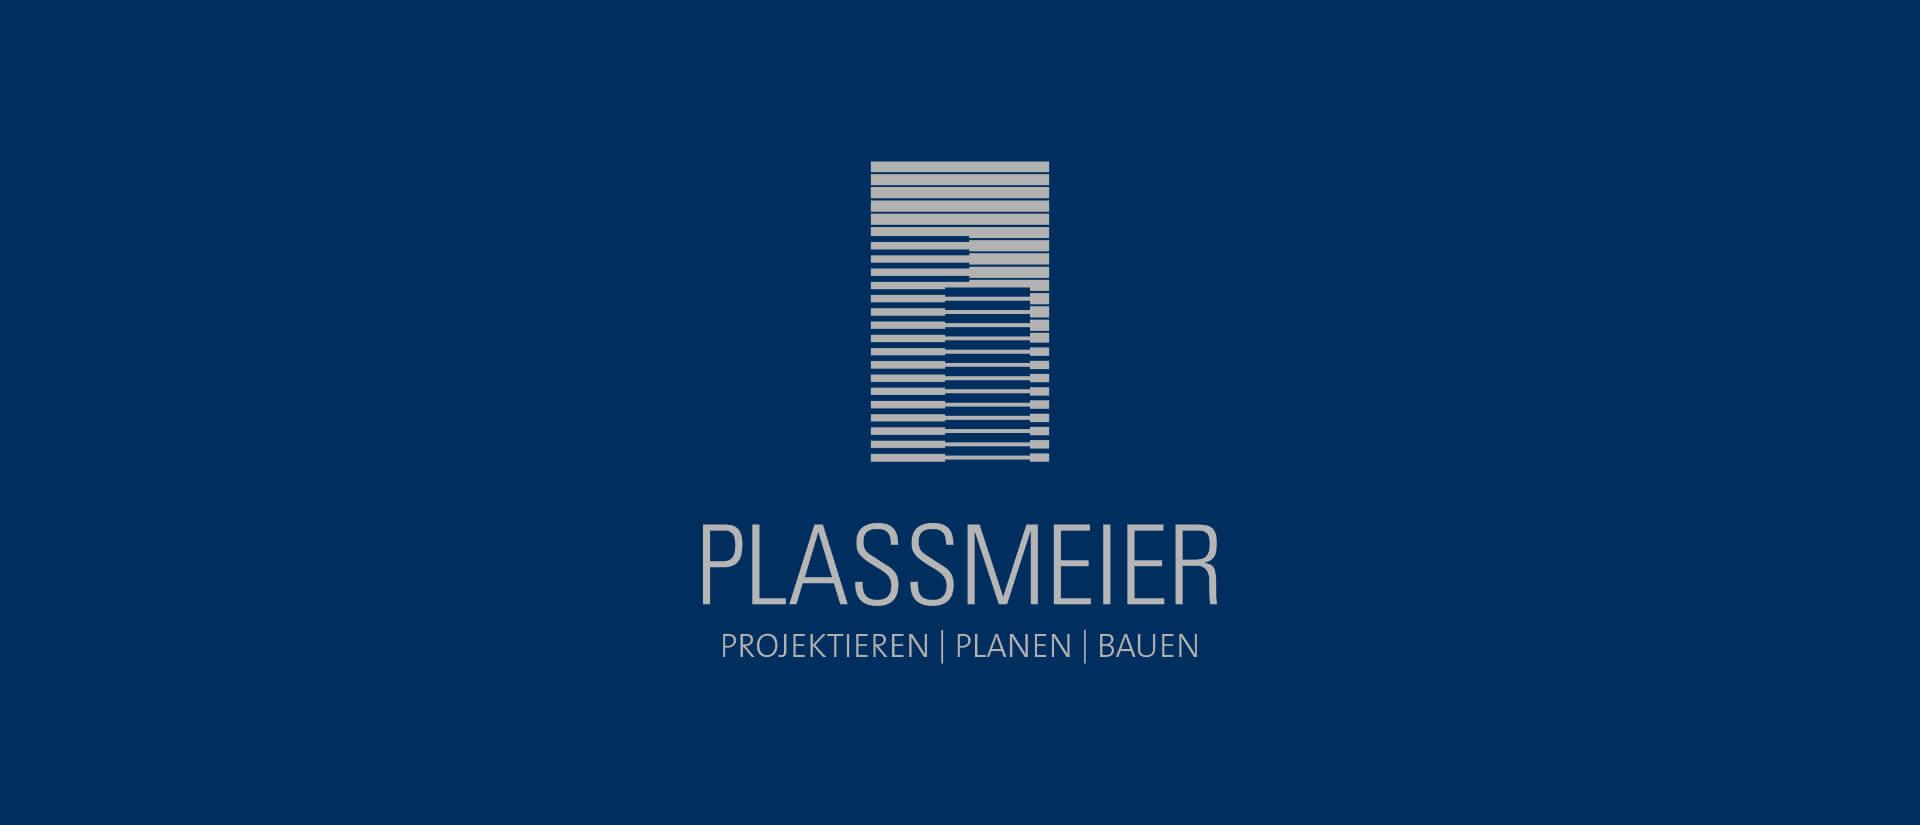 Plassmeier-Logo-Header